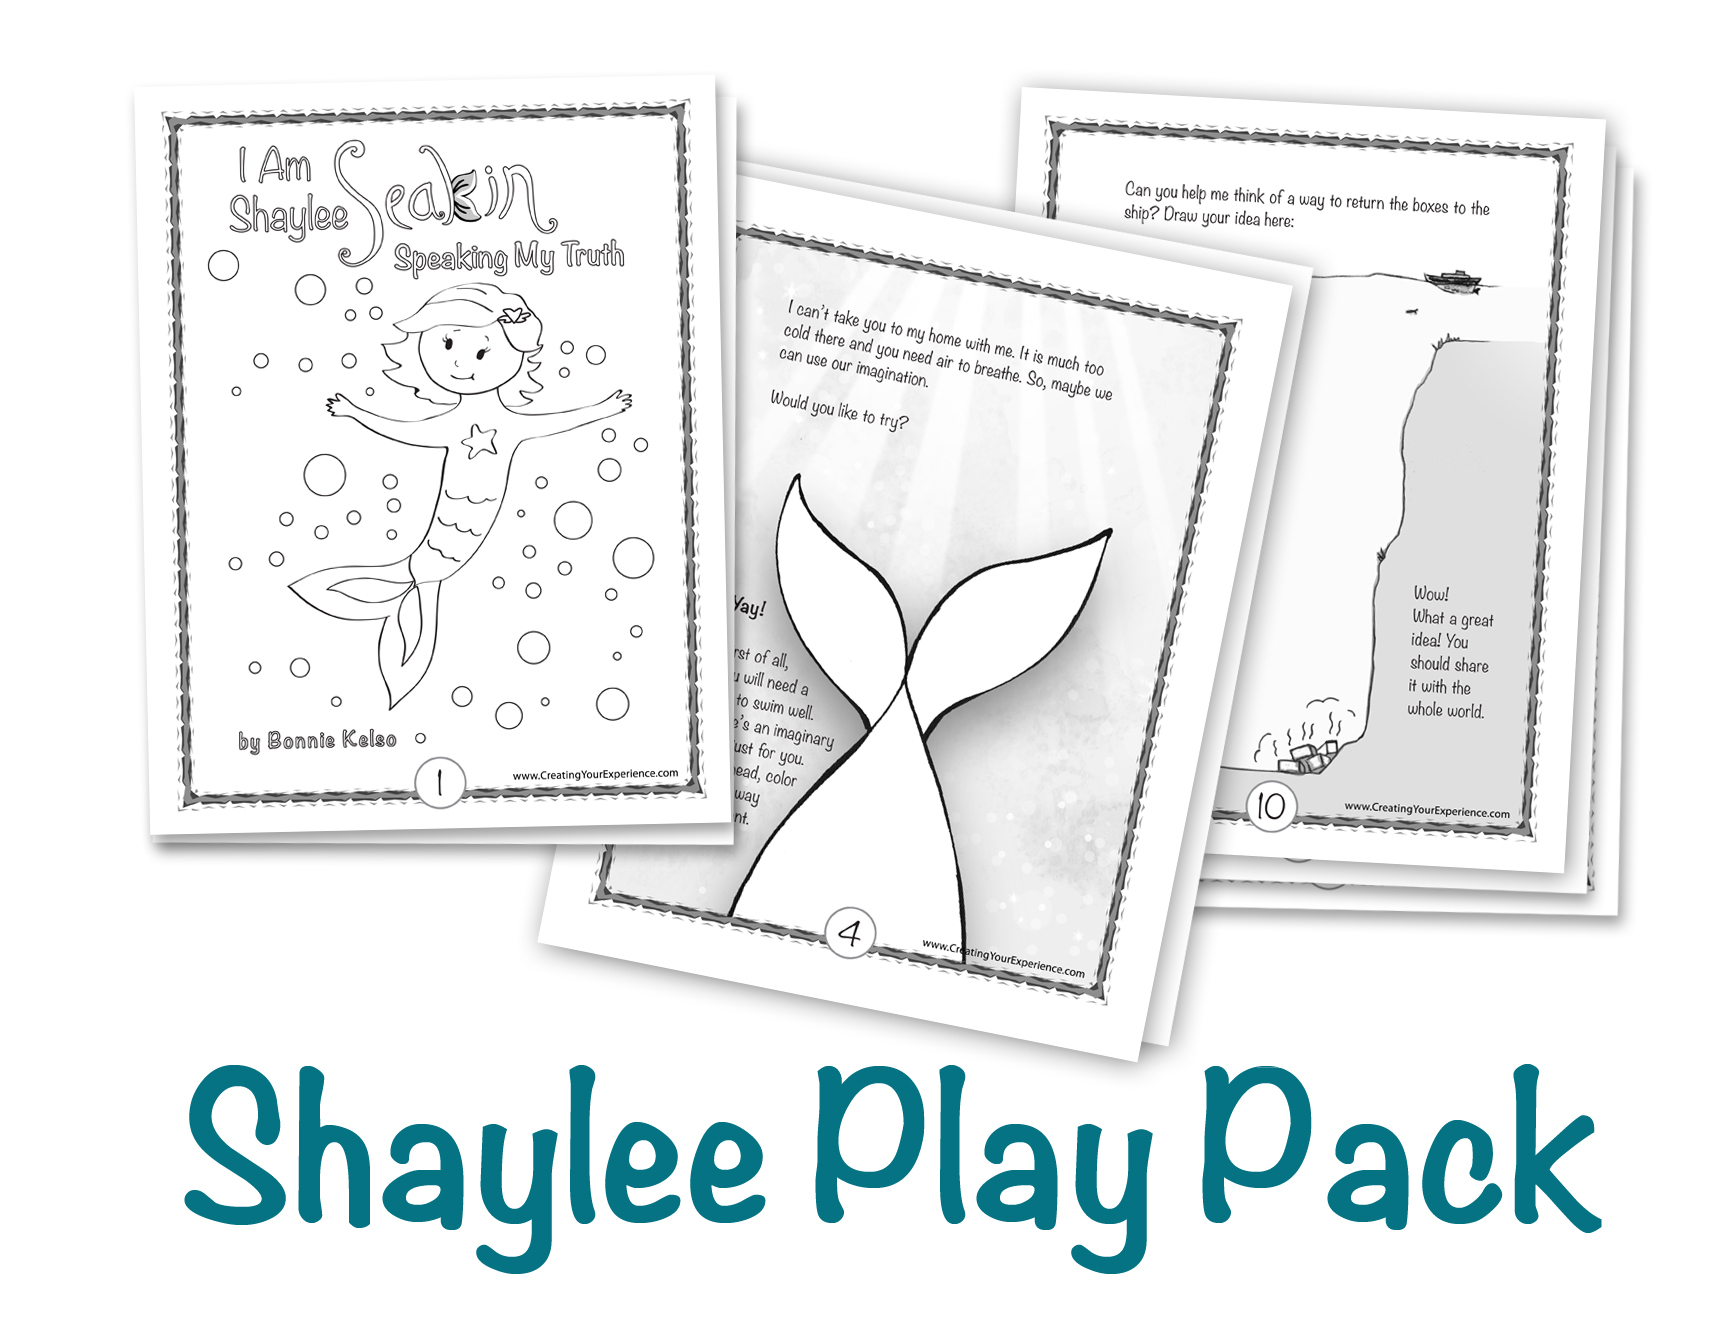 PP01-MeetShaylee